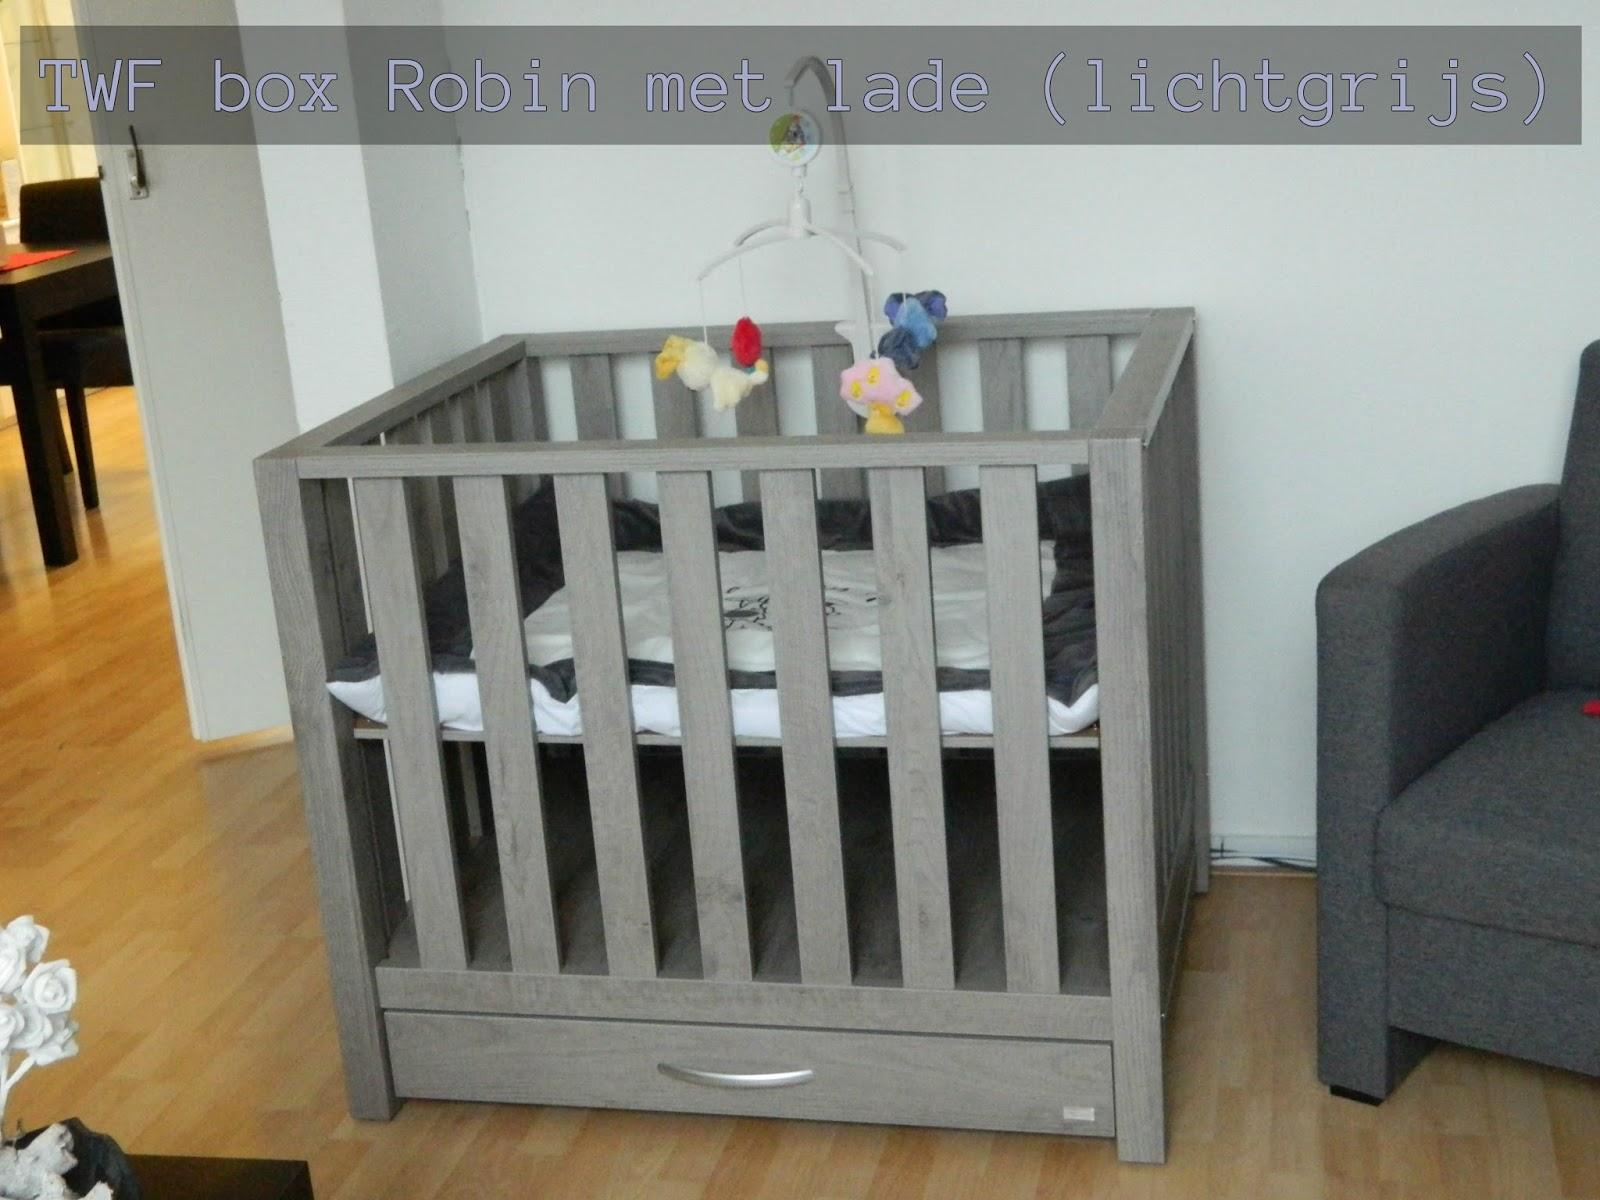 Ongebruikt Mijn leven in beeld: TWF box Robin met lade (lichtgrijs) GE-13